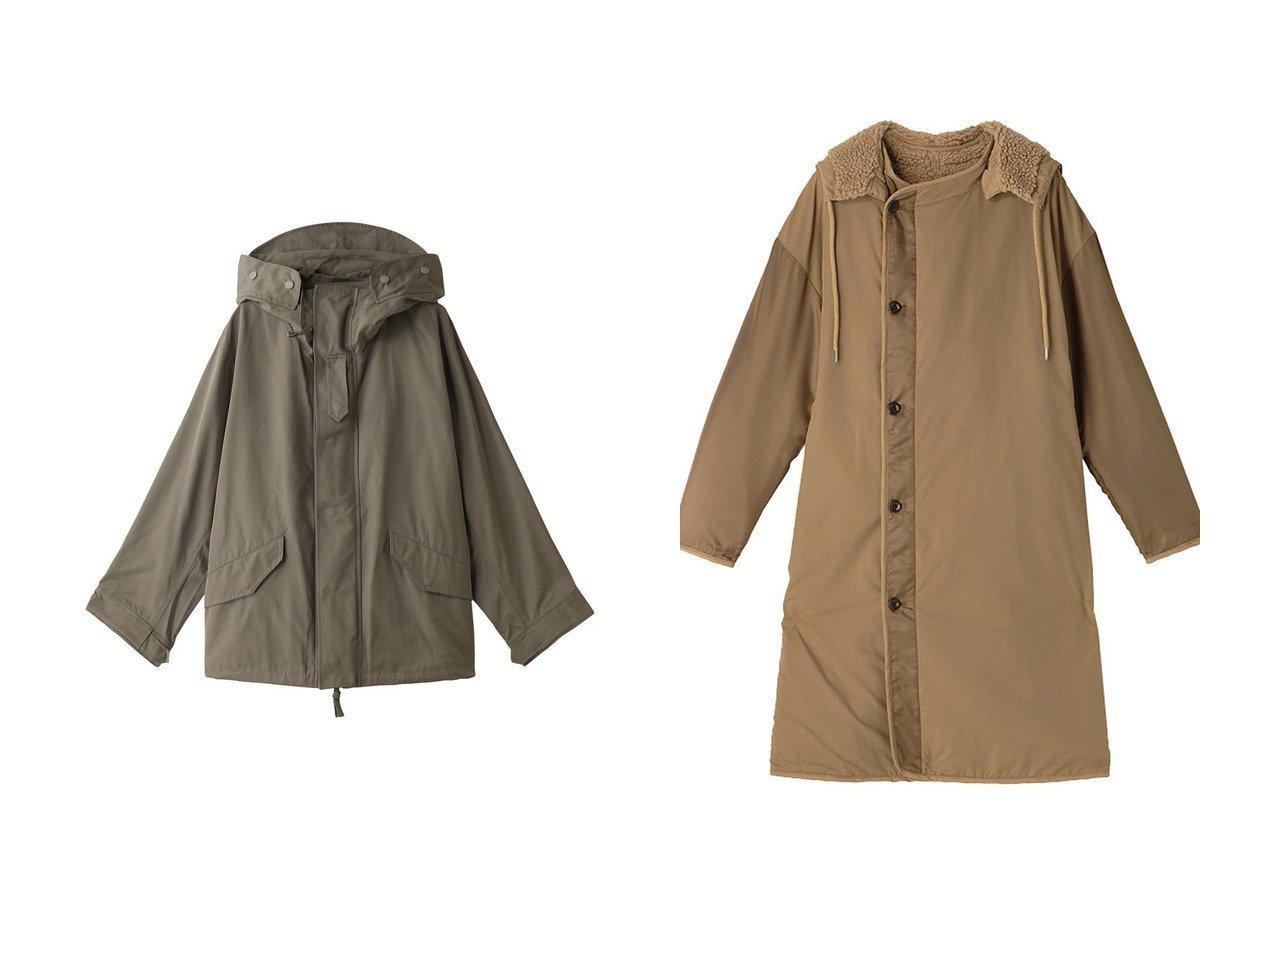 【1er Arrondissement/プルミエ アロンディスモン】の【upper hights】THE MILITARY PARKA&【ETRE TOKYO/エトレトウキョウ】のフーディリバーシブルボアコート アウターのおすすめ!人気、レディースファッションの通販 おすすめで人気のファッション通販商品 インテリア・家具・キッズファッション・メンズファッション・レディースファッション・服の通販 founy(ファニー) https://founy.com/ ファッション Fashion レディース WOMEN アウター Coat Outerwear ジャケット Jackets コート Coats シンプル ジャケット エレガント ミリタリー ロング |ID:crp329100000002790